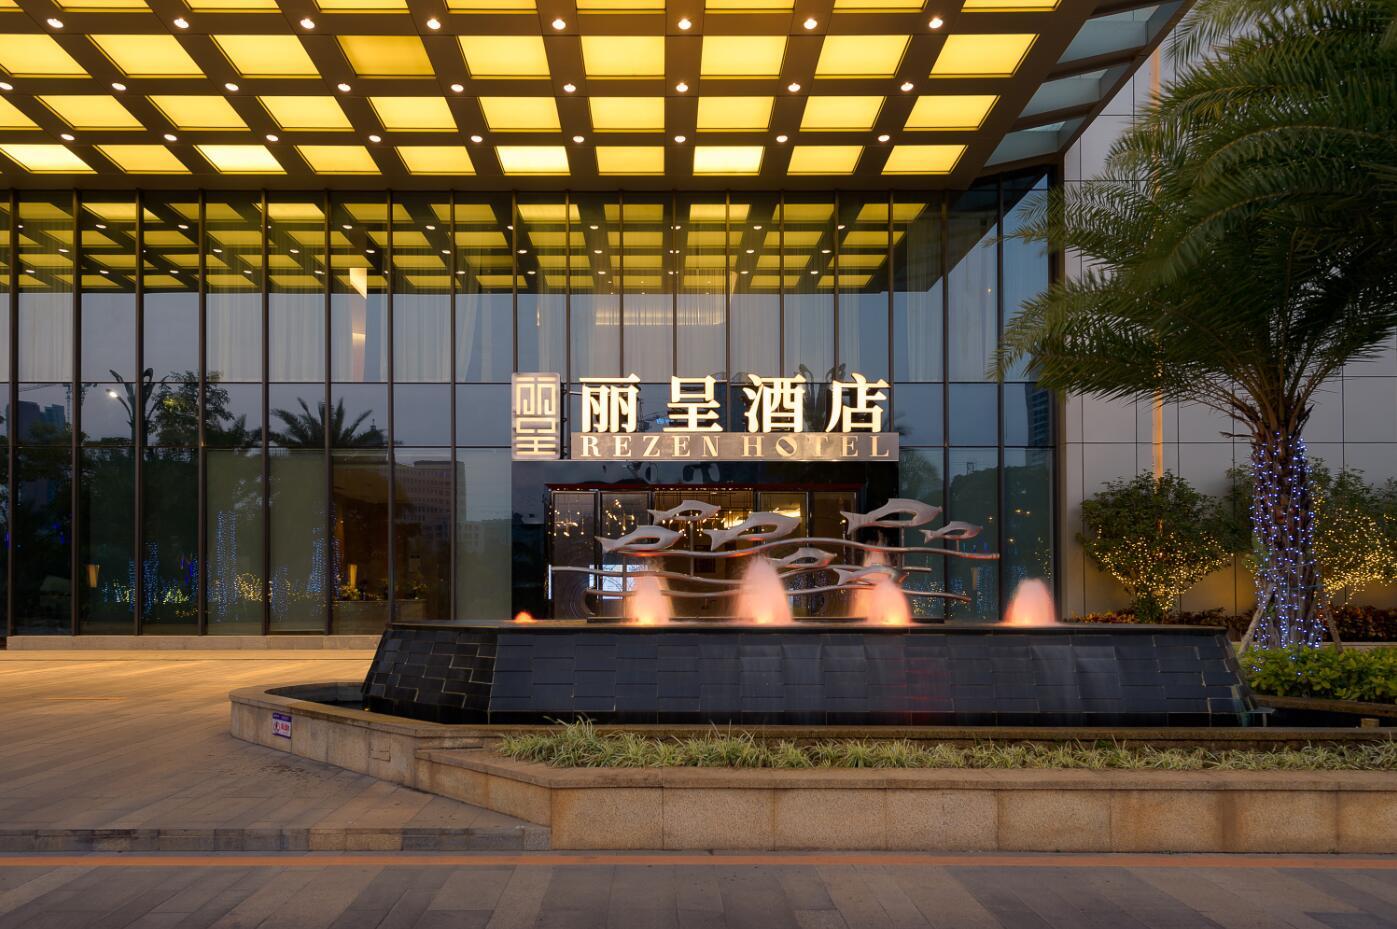 小帅进驻丽呈集团采购平台,共同推进高星级酒店智能化进程